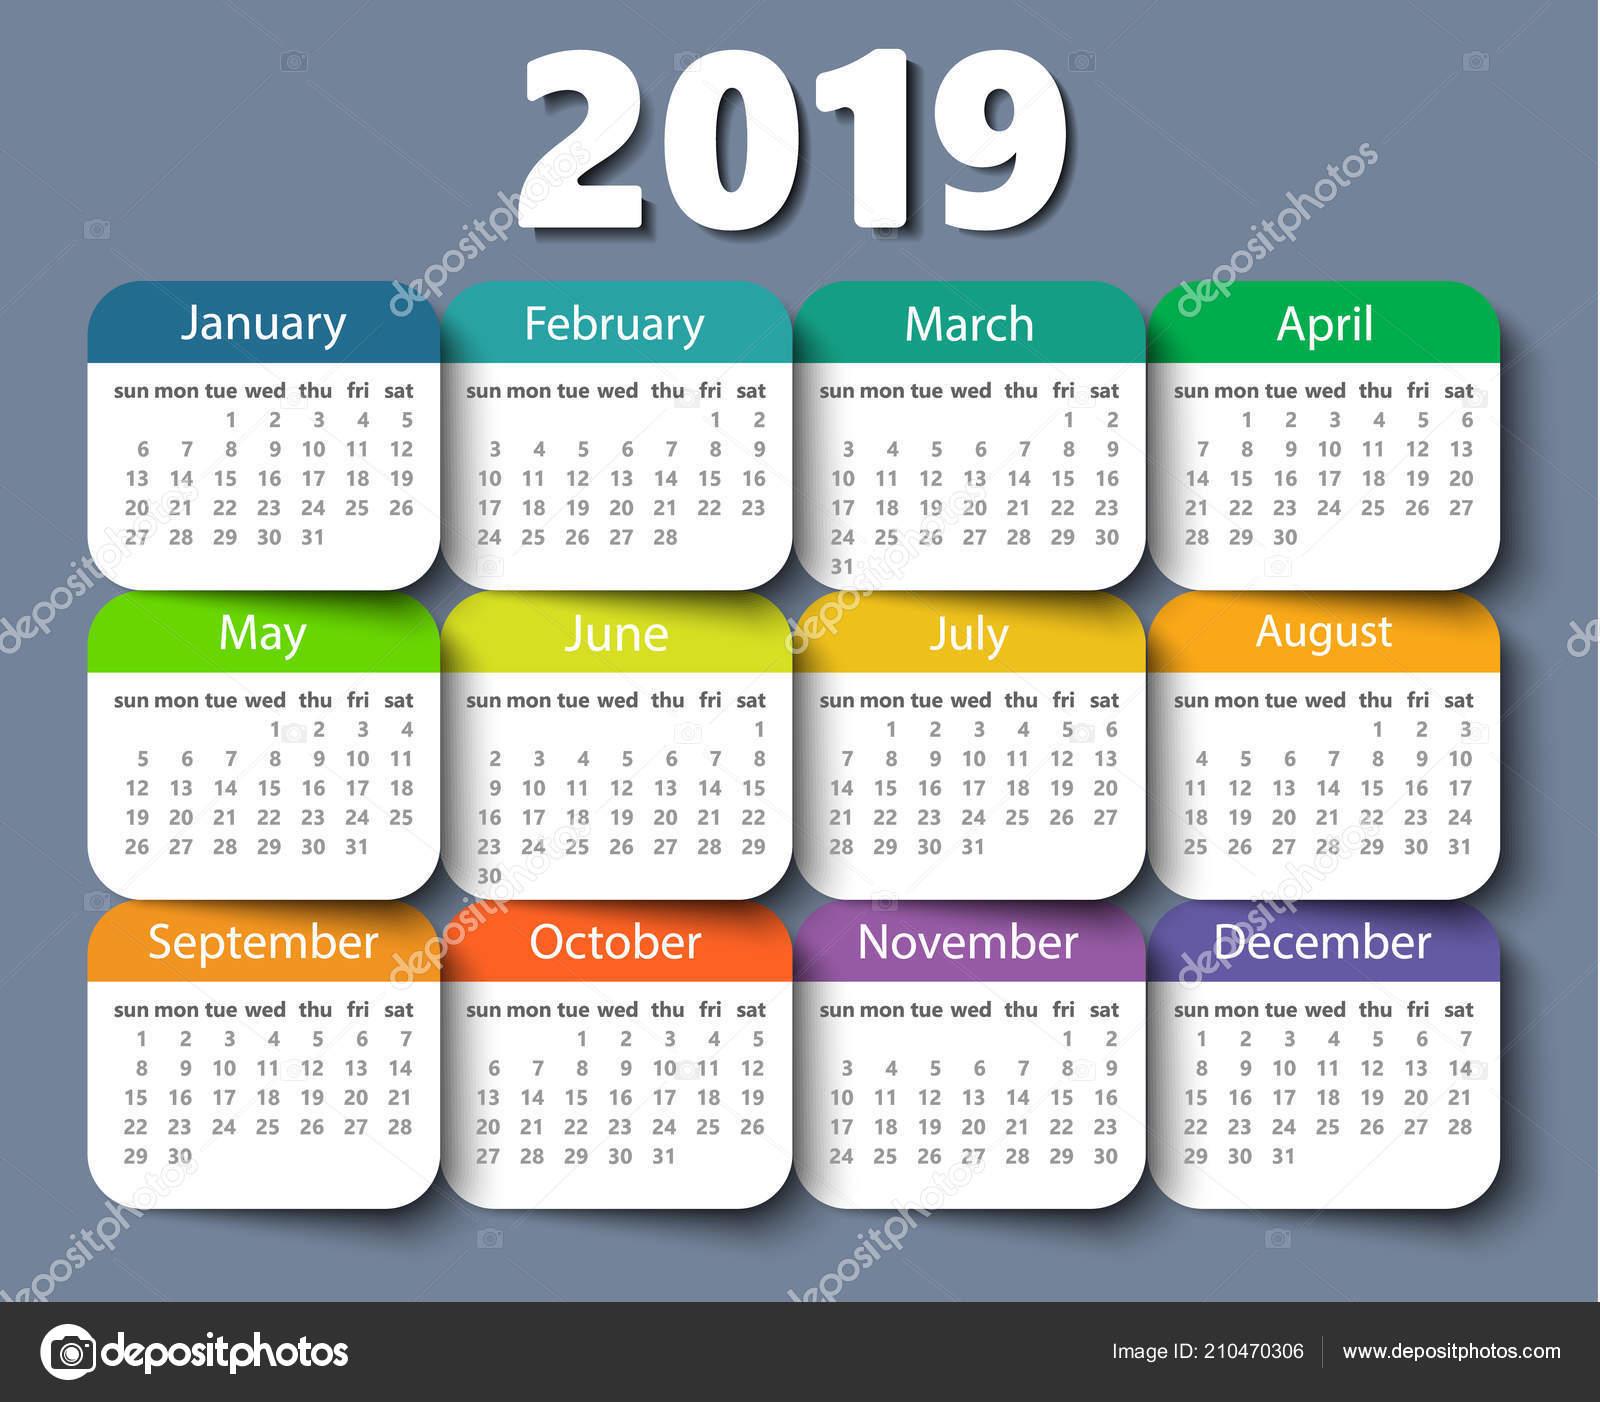 Calendario Settimane Anno 2019.Modello Di Disegno Vettore Anno 2019 Calendario Settimana A